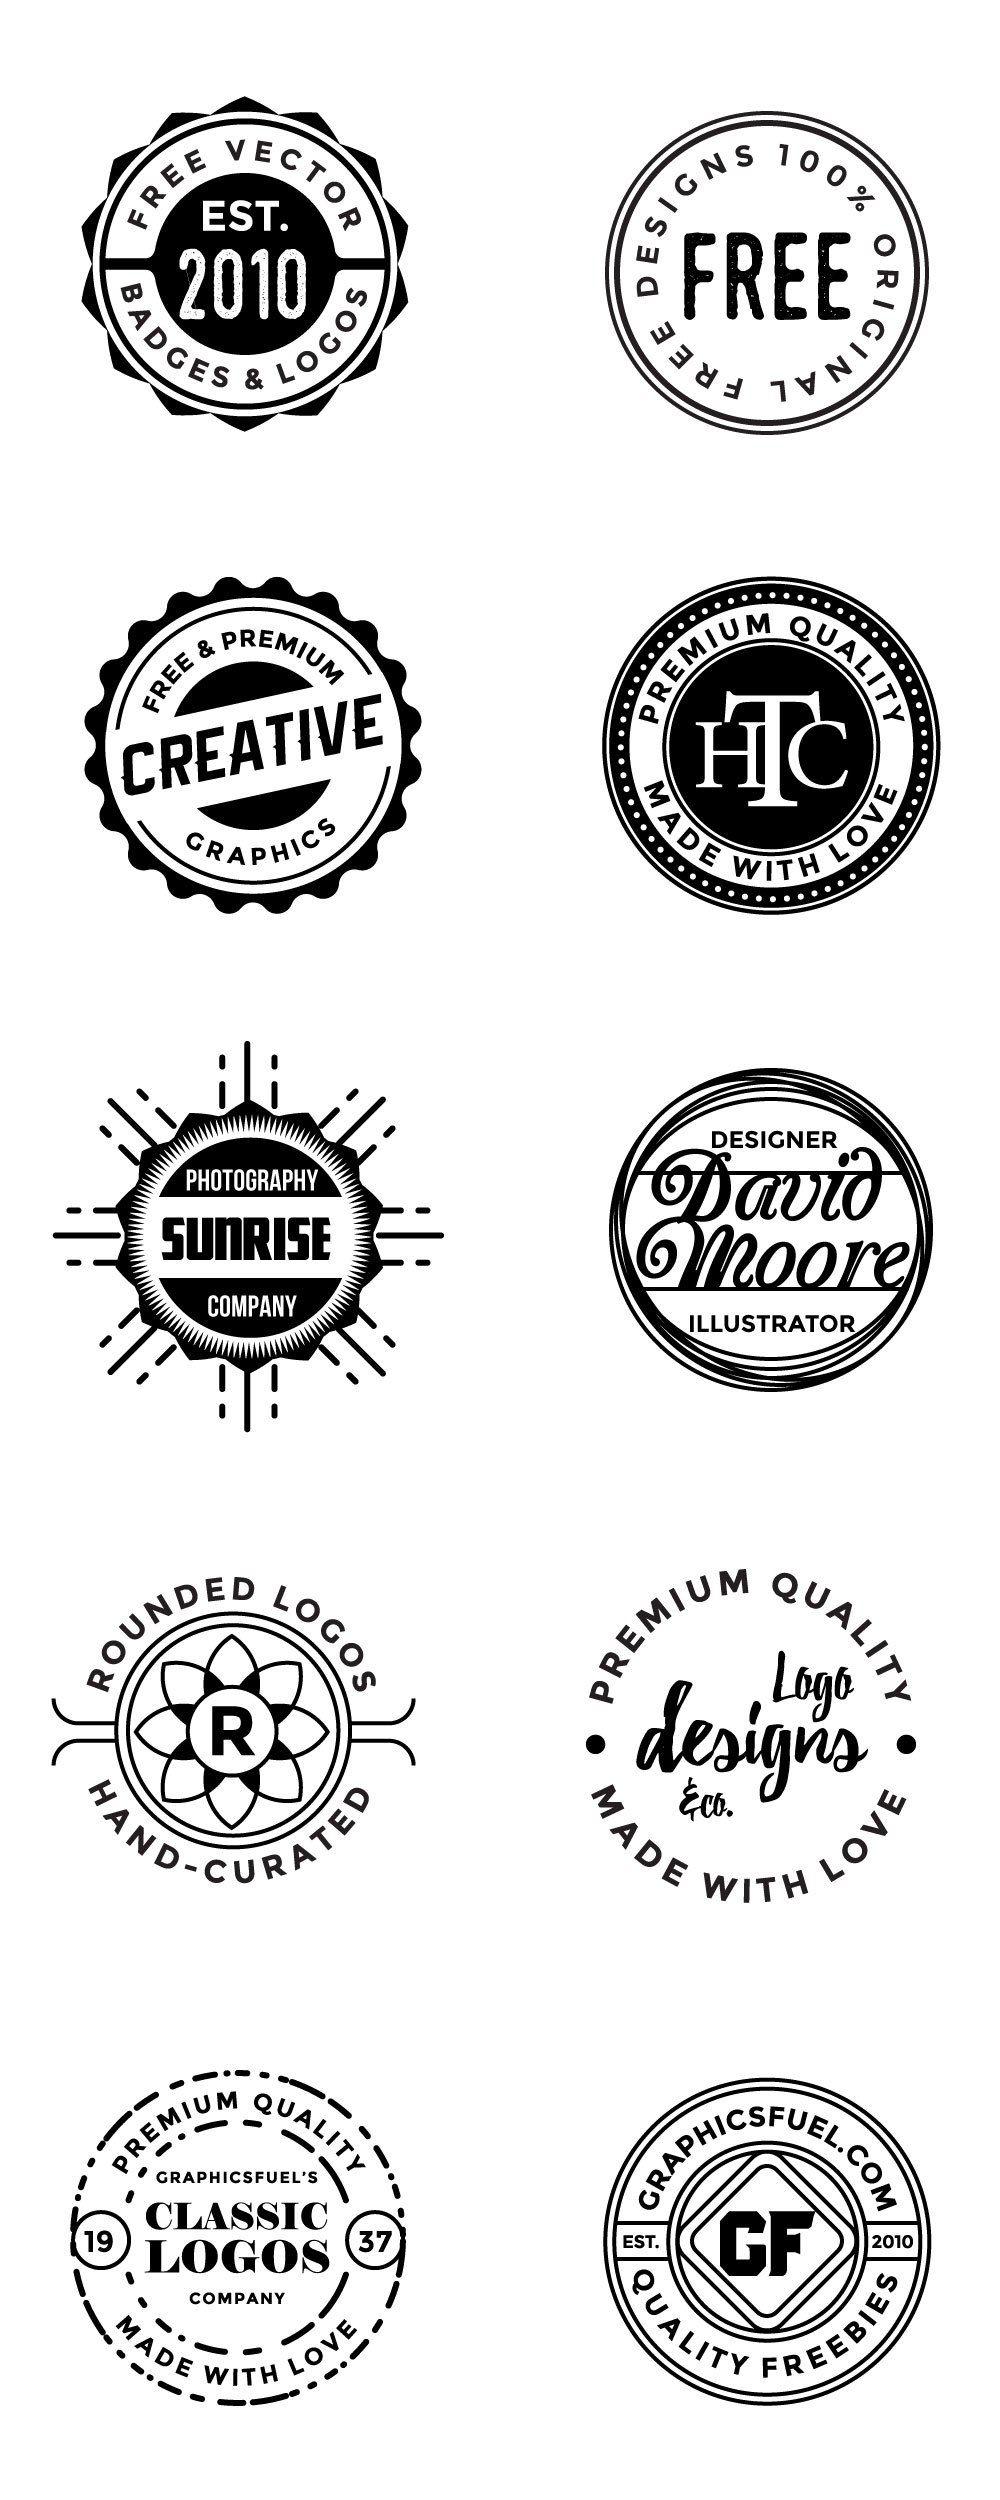 Free Circular logos And Badges.